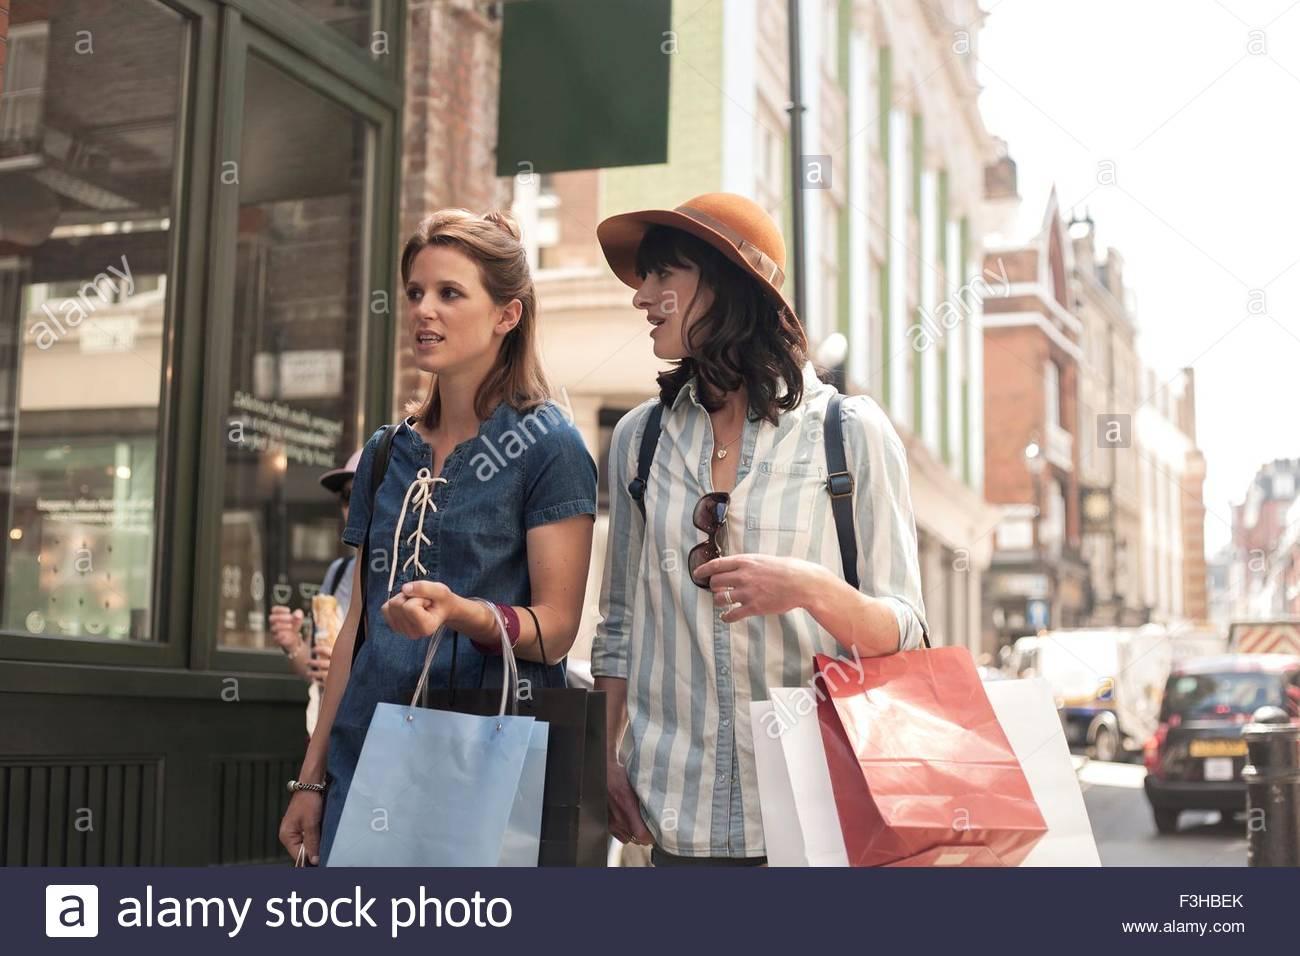 Duas mulheres transportando sacos de compras procurando na loja de vidros Imagens de Stock